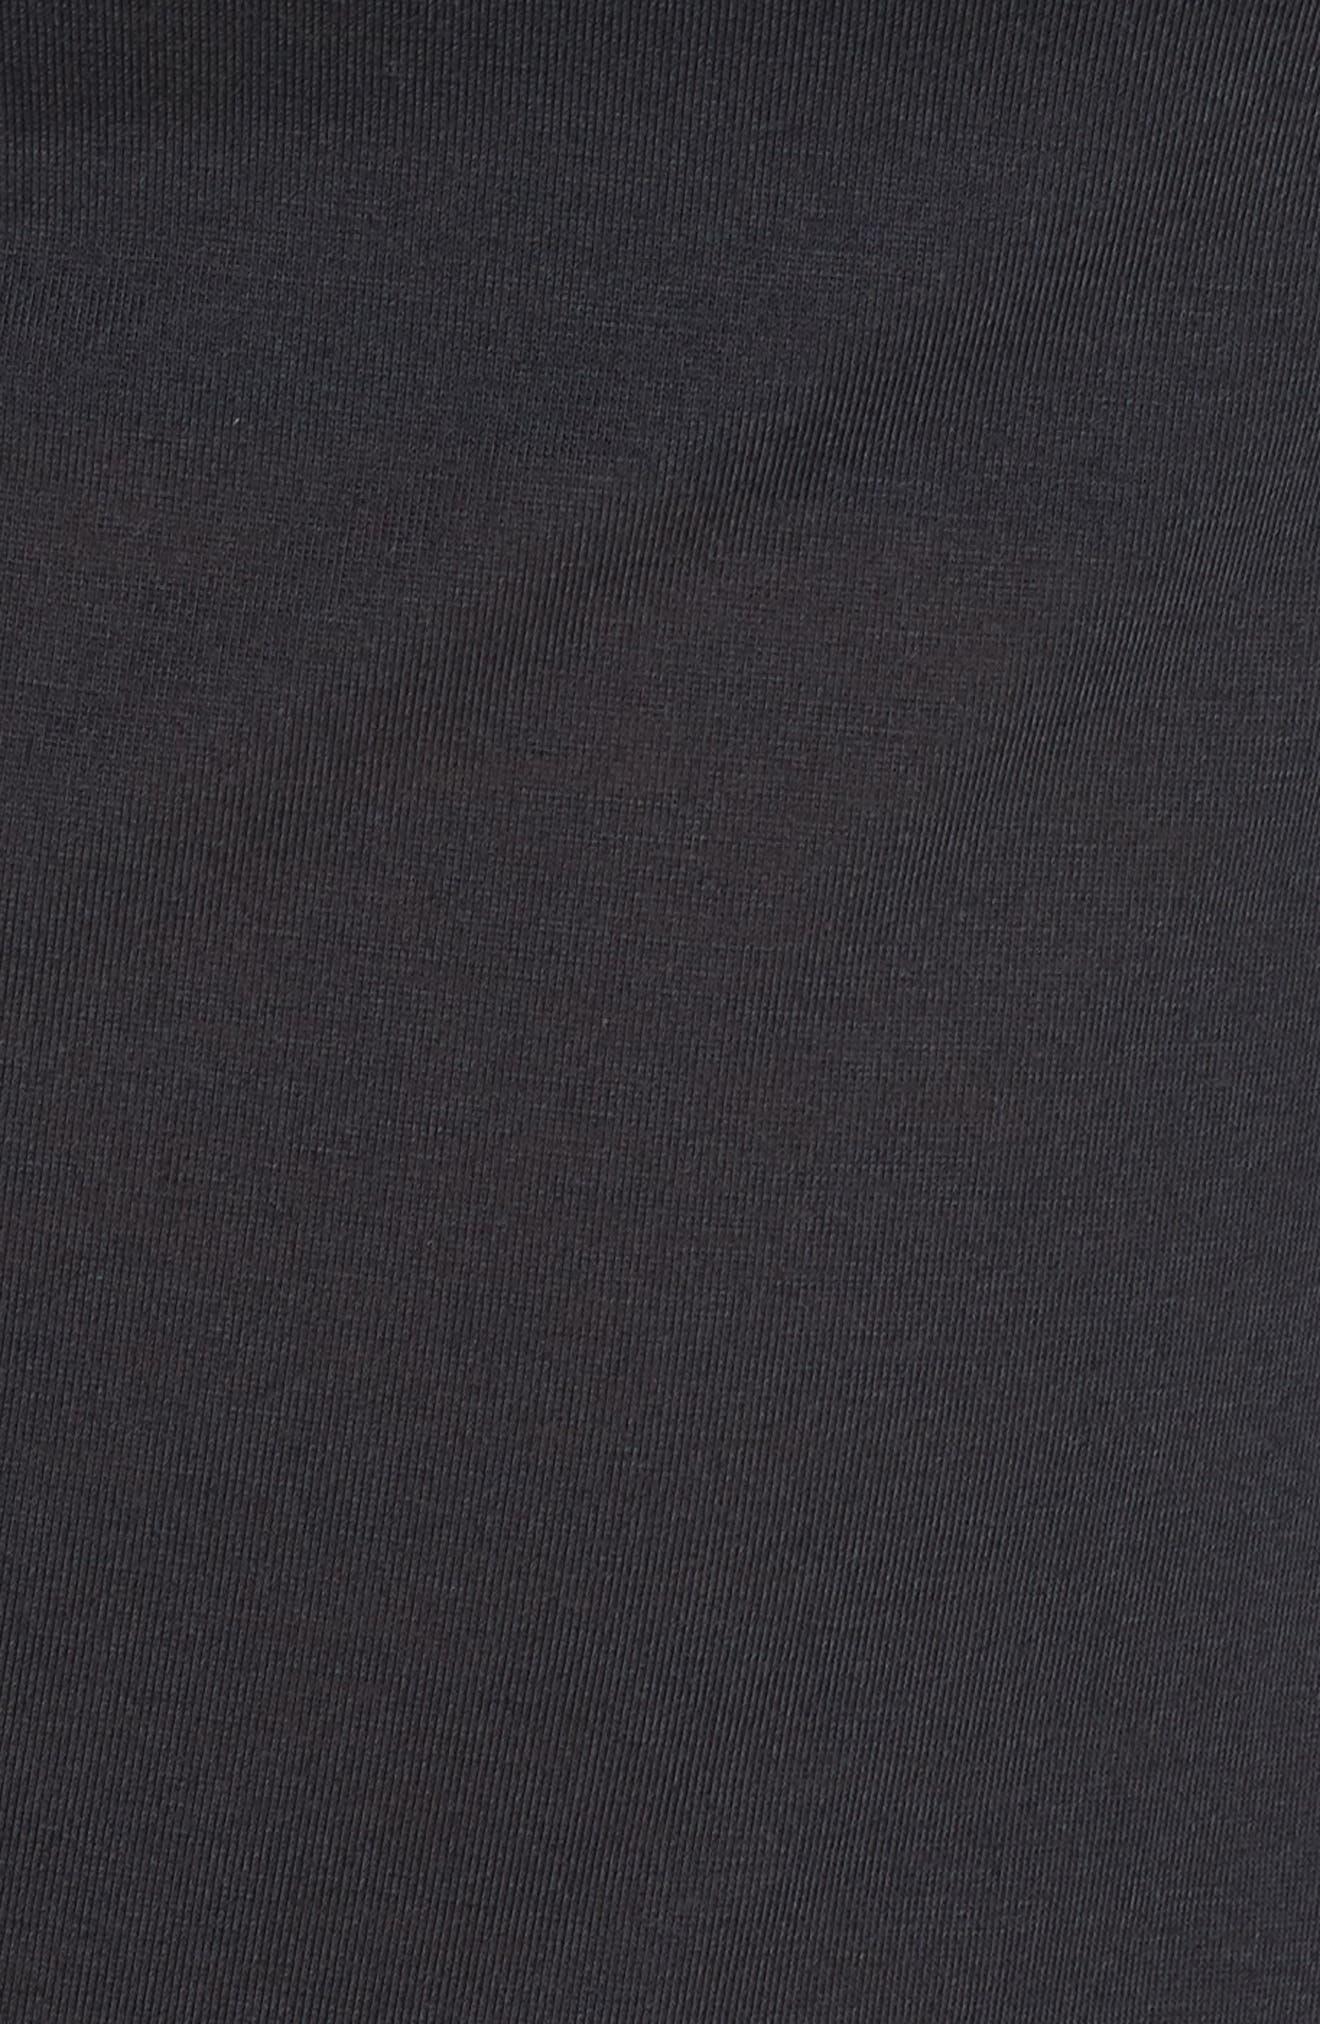 Whisperlight Long Sleeve Tee,                             Alternate thumbnail 6, color,                             001